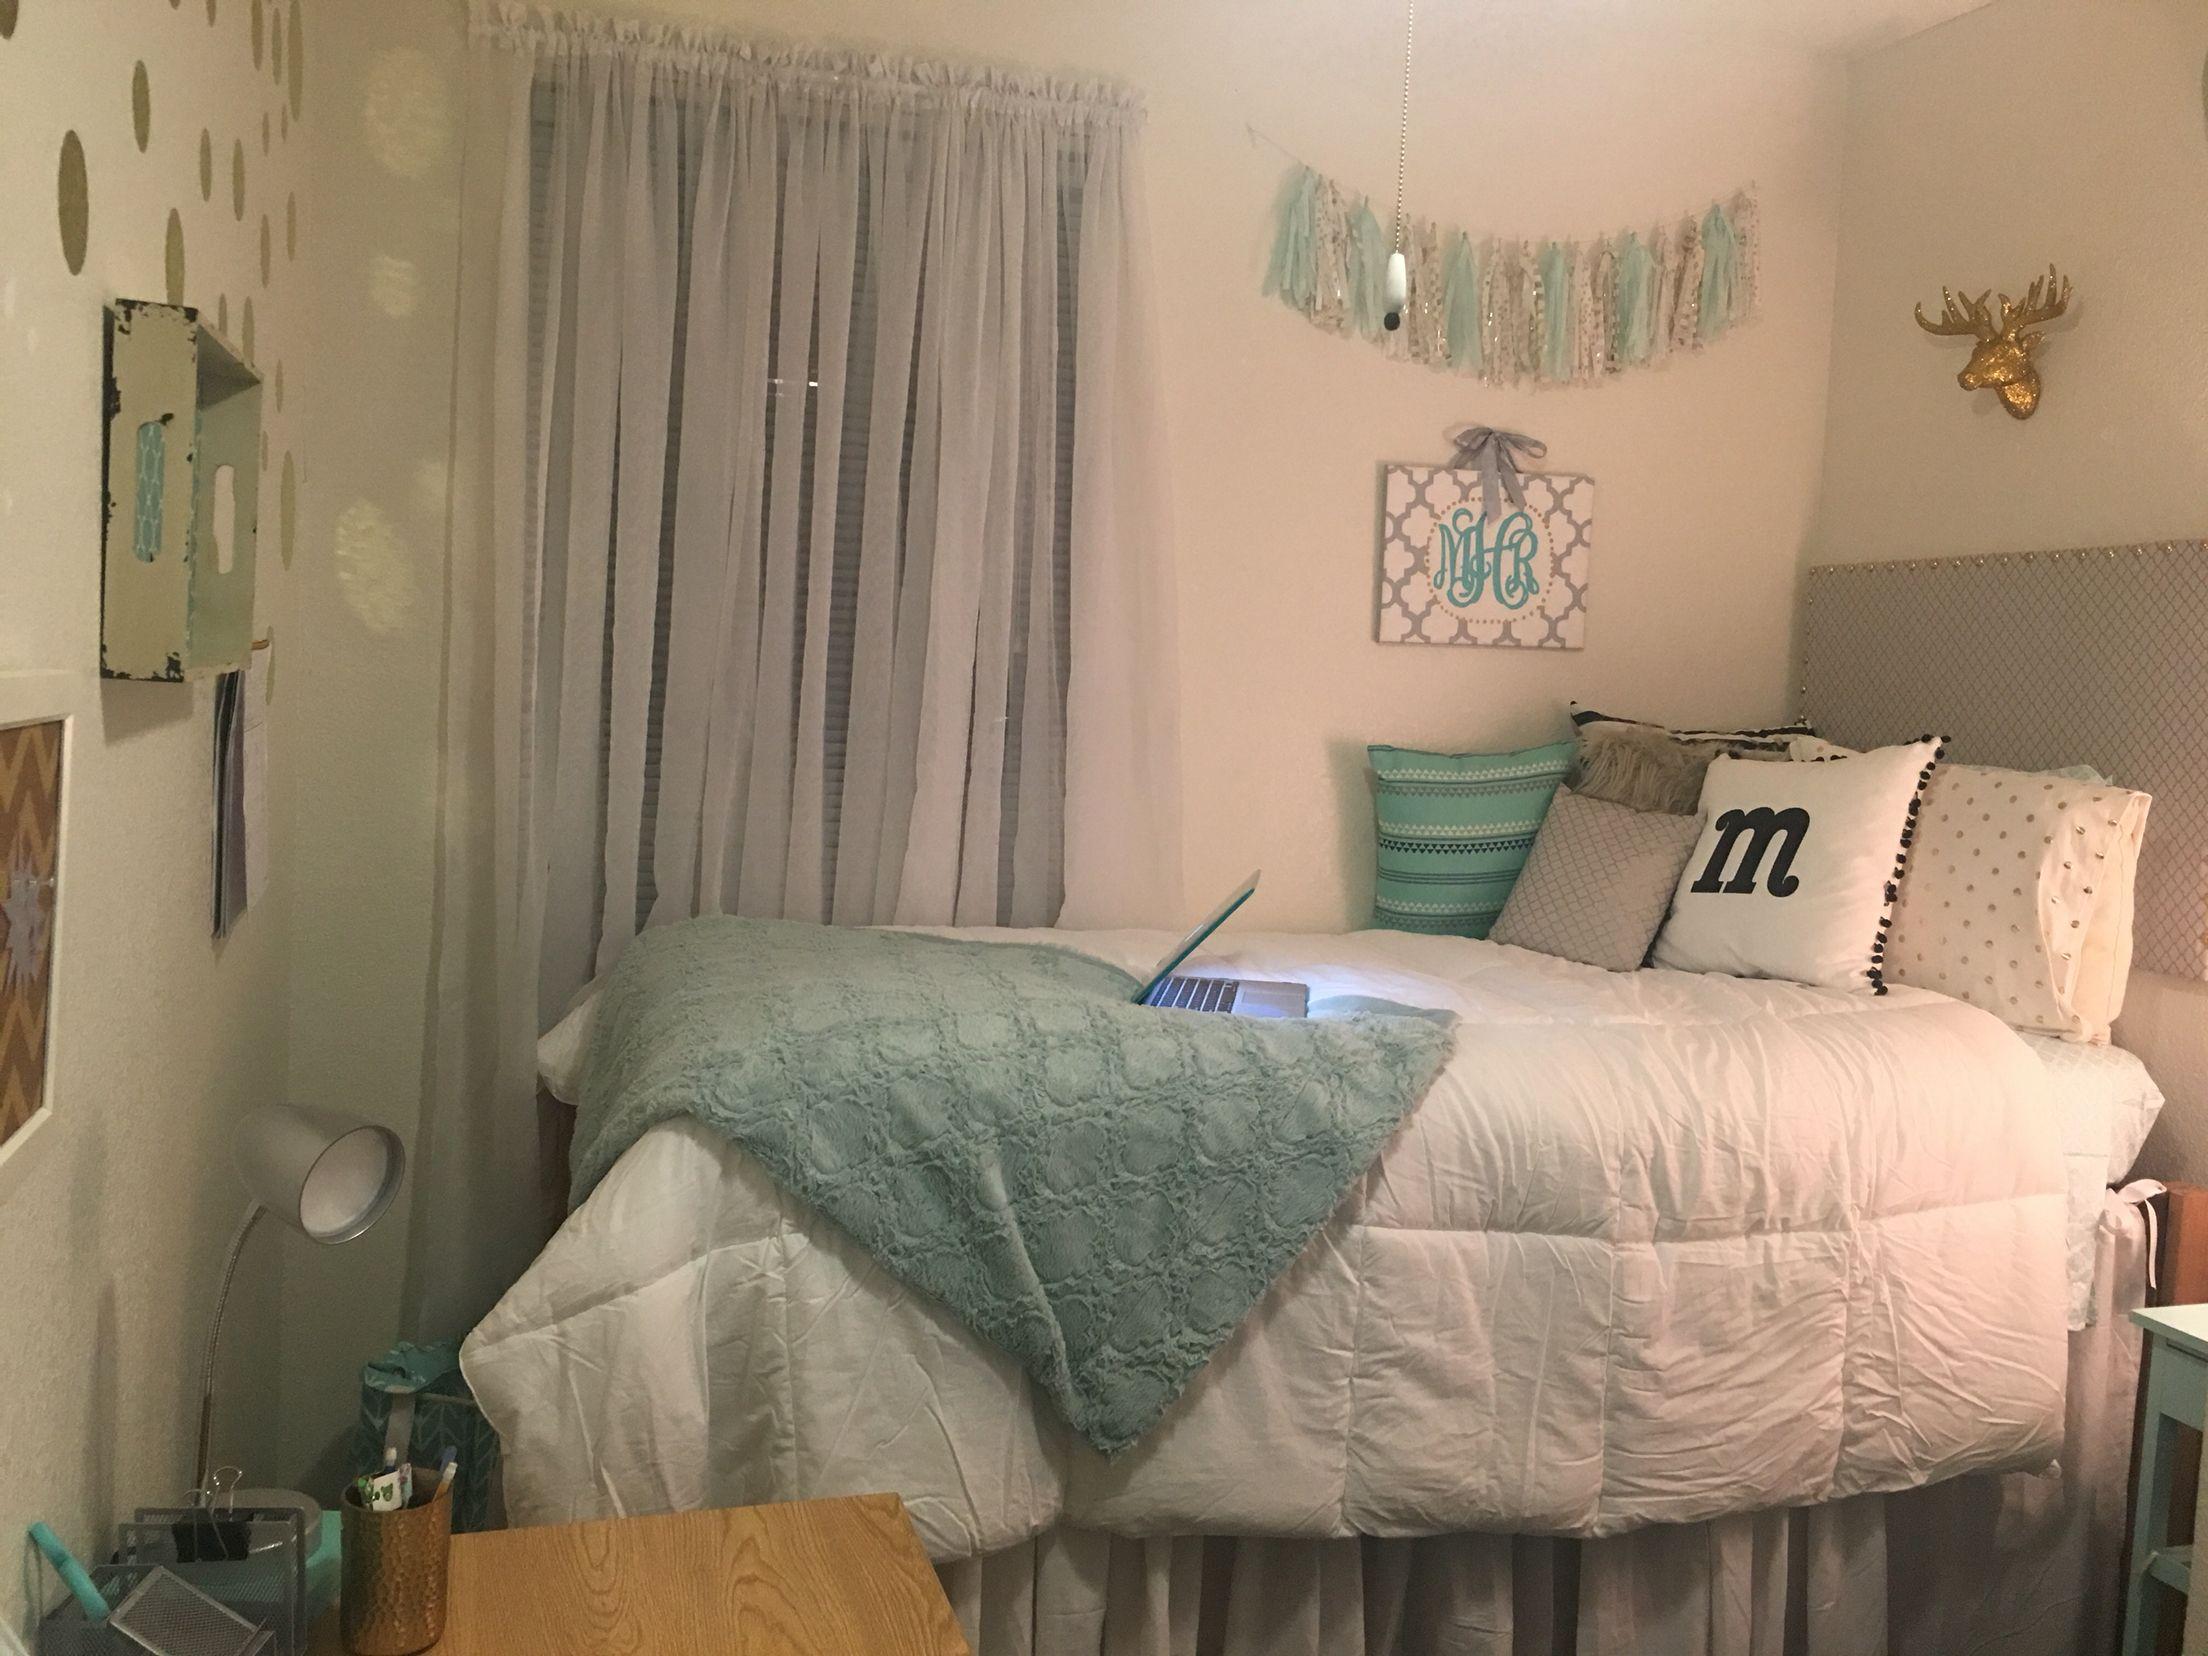 Tremendous Dorm Room Sam Houston Village College In 2019 Dorm Download Free Architecture Designs Scobabritishbridgeorg